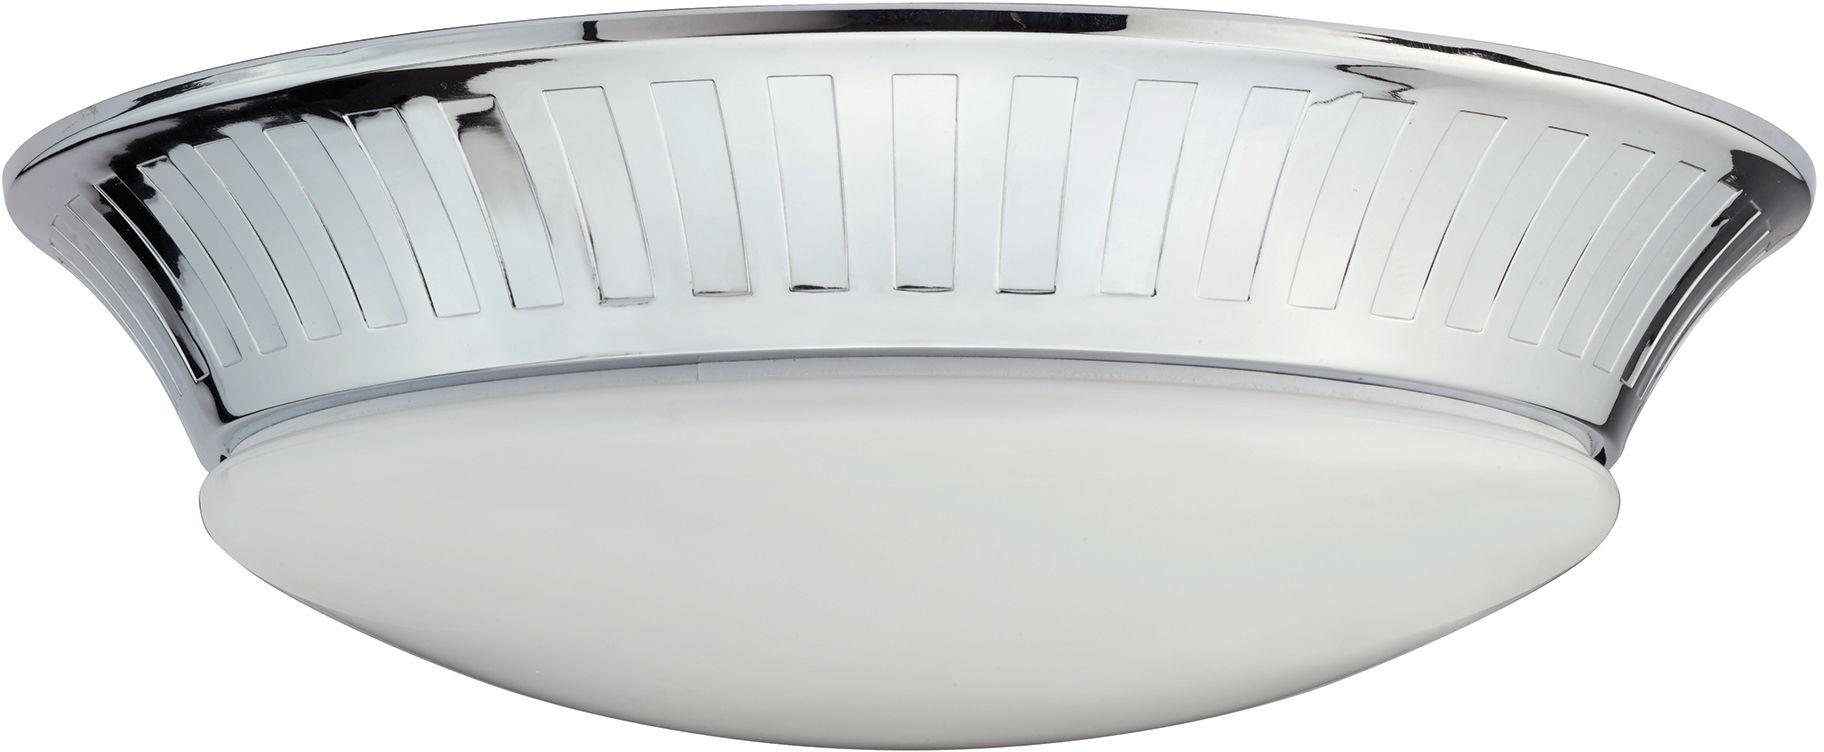 Whitby plafon łazienkowy chrom IP44 BATH-WHITBY-F - Elstead Lighting Do -17% rabatu w koszyku i darmowa dostawa od 299zł !